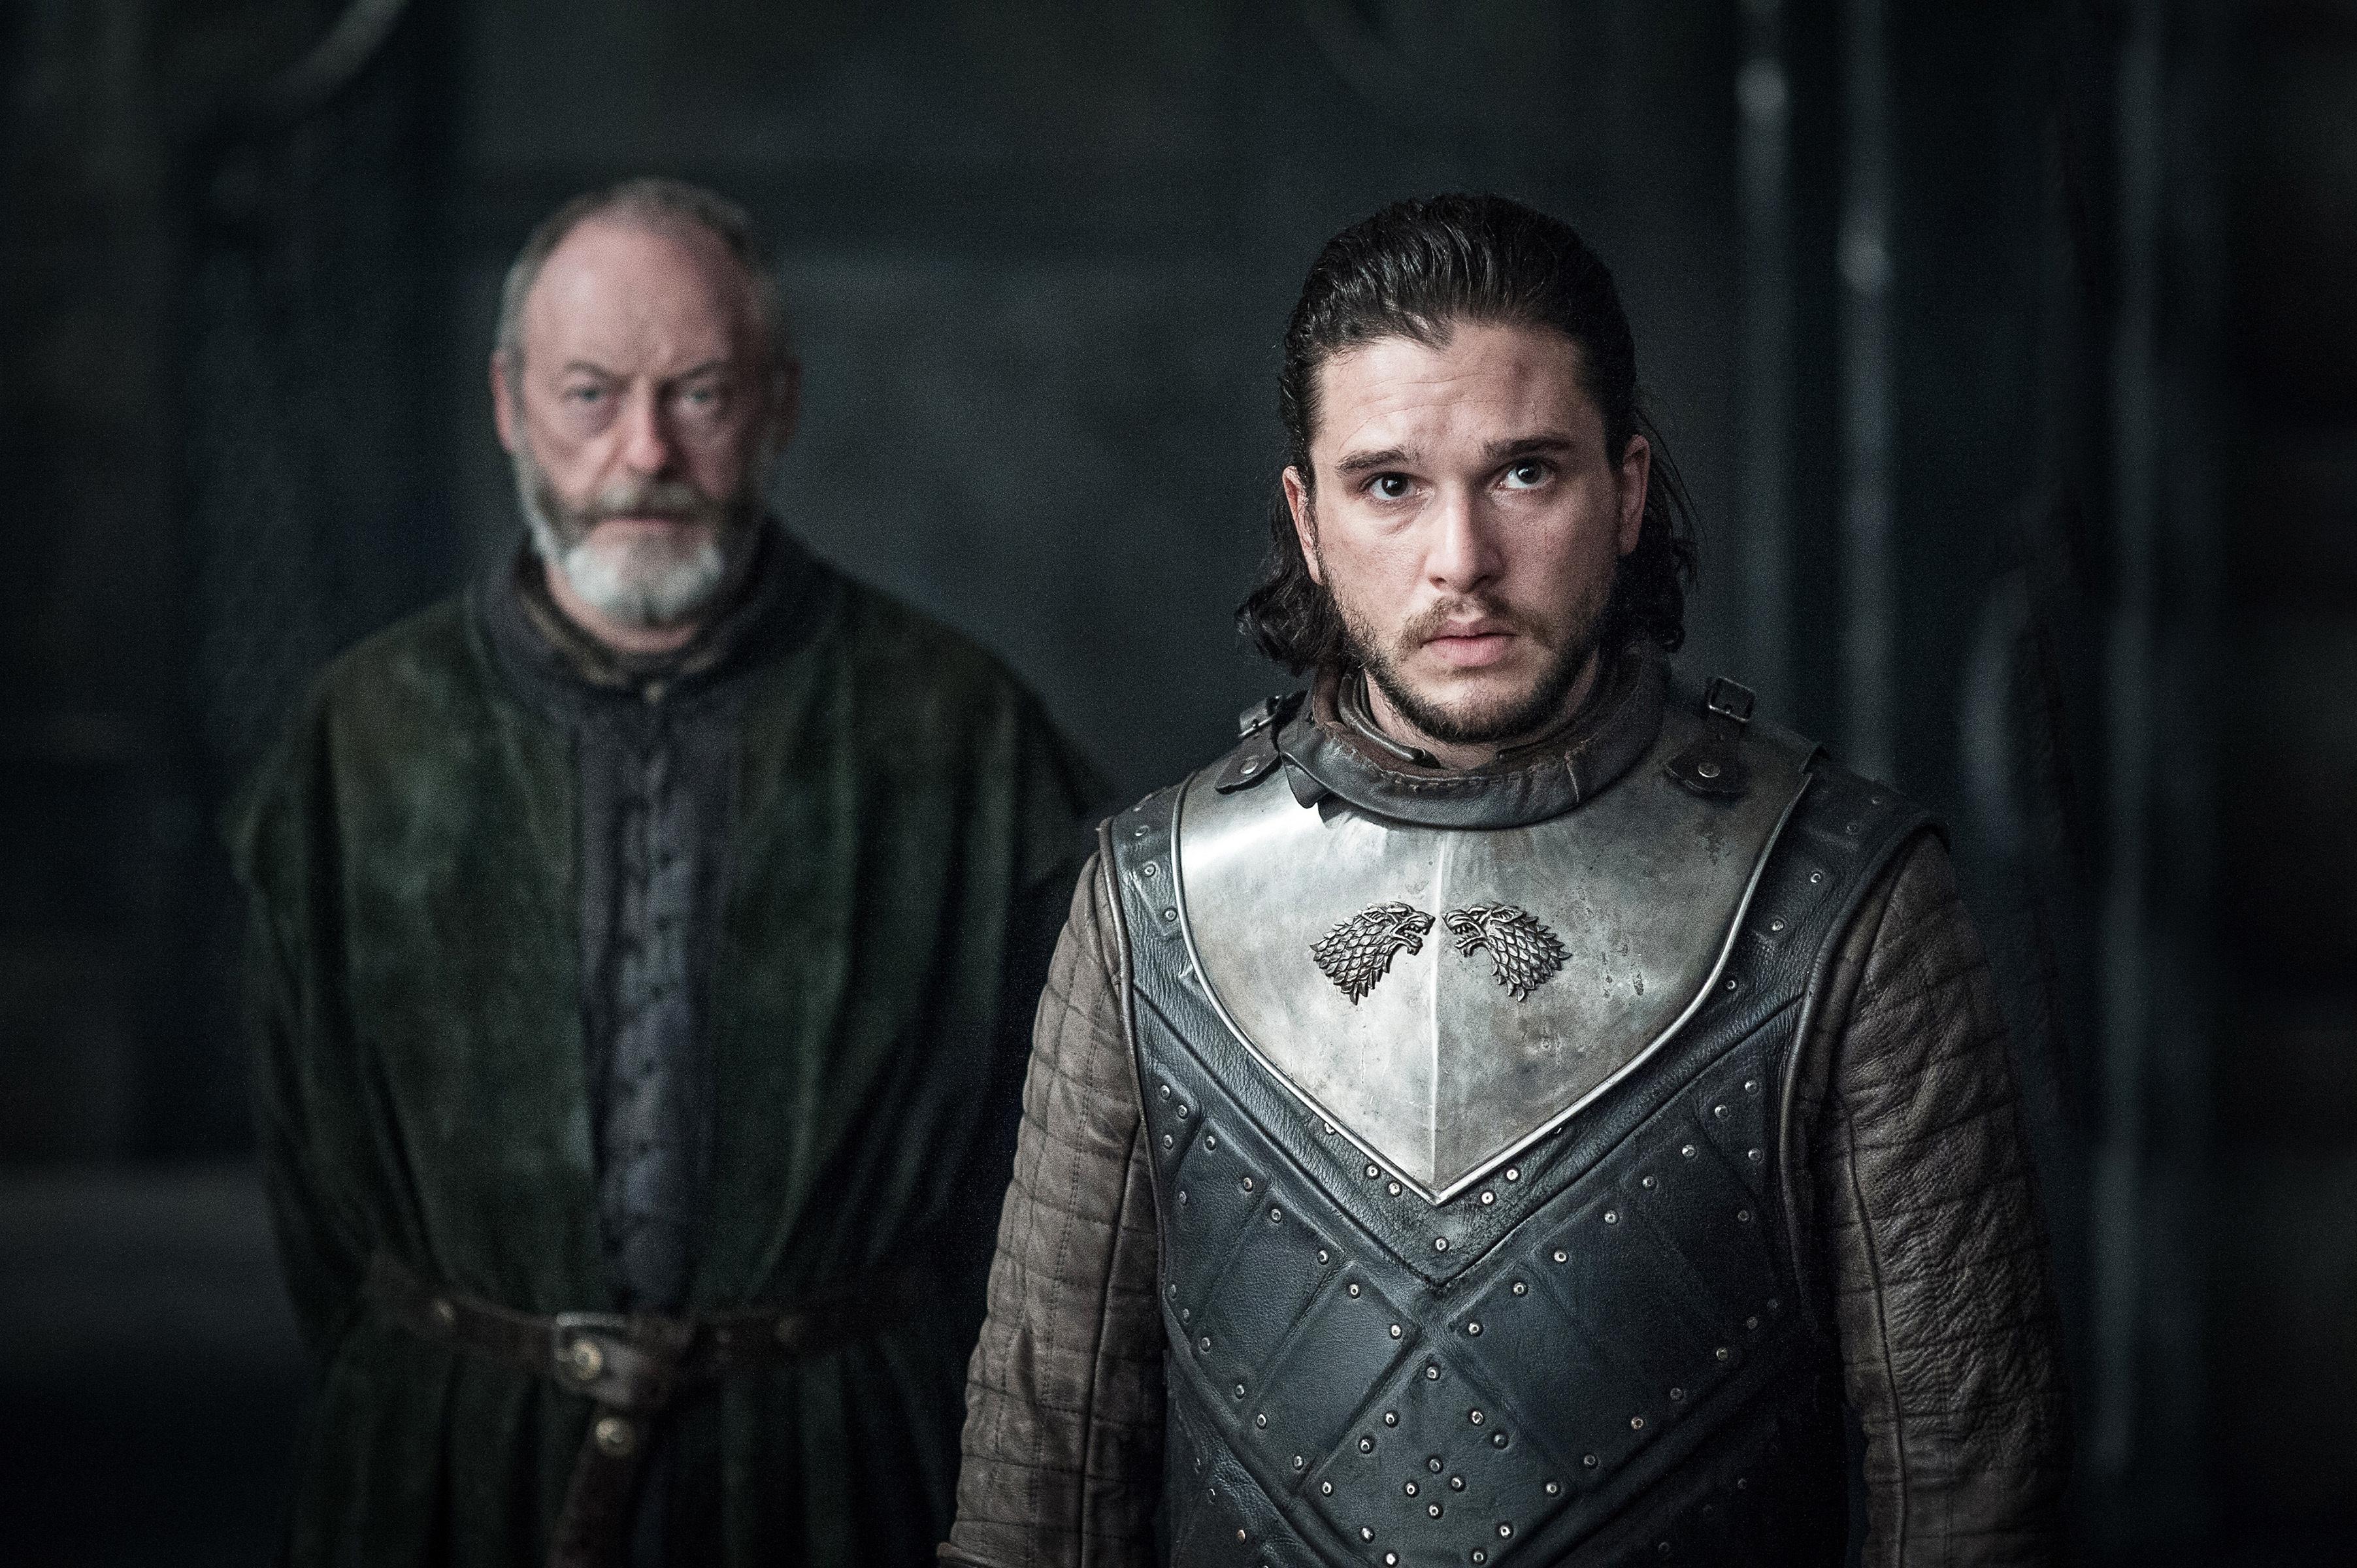 игра престолов 7 сезон кадр 5